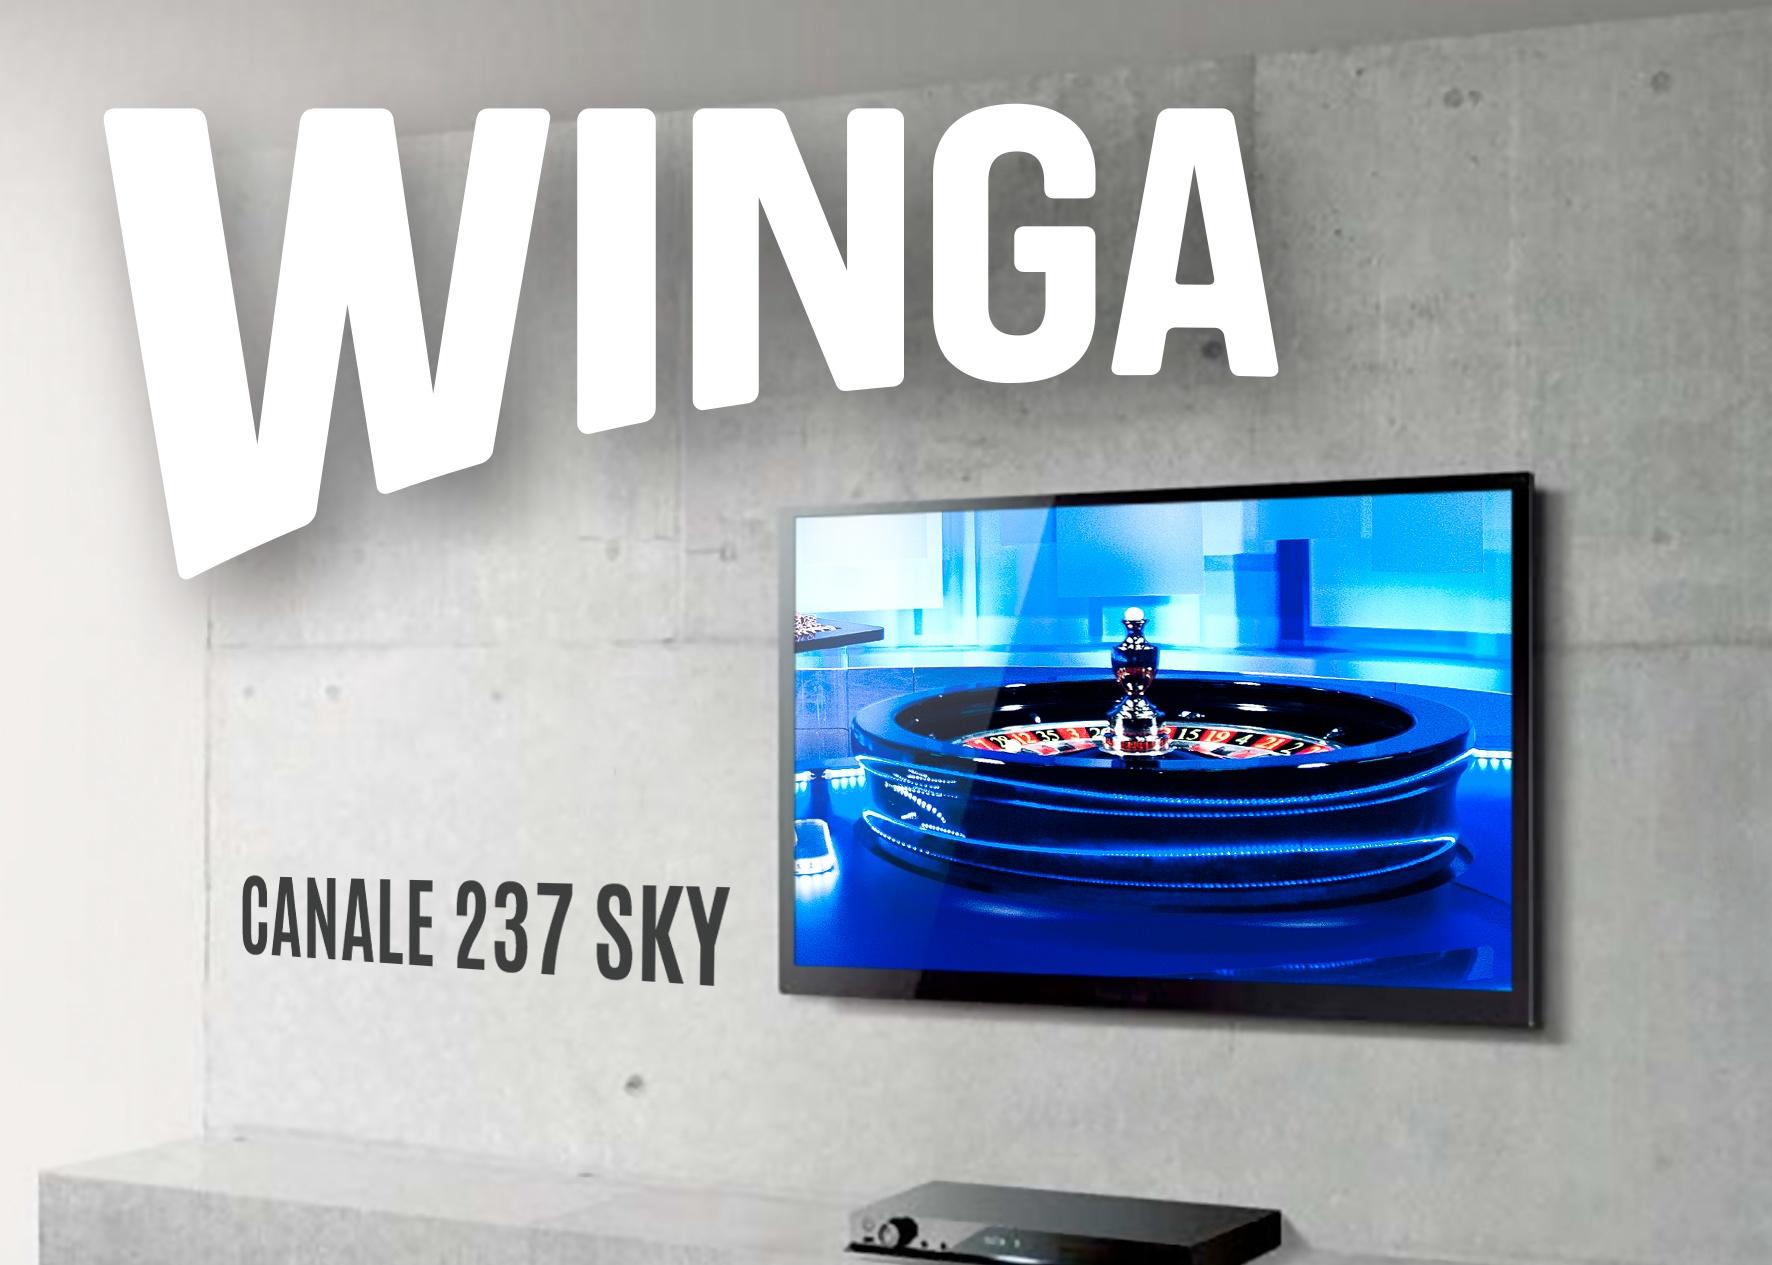 immagine wingatv canale237sky Dal 14 dicembre Winga Tv visibile anche su SKY al canale 237 Winga conferma la sua leadership nel mondo del gaming in TV  e lancia la novità della NoStop Roulette